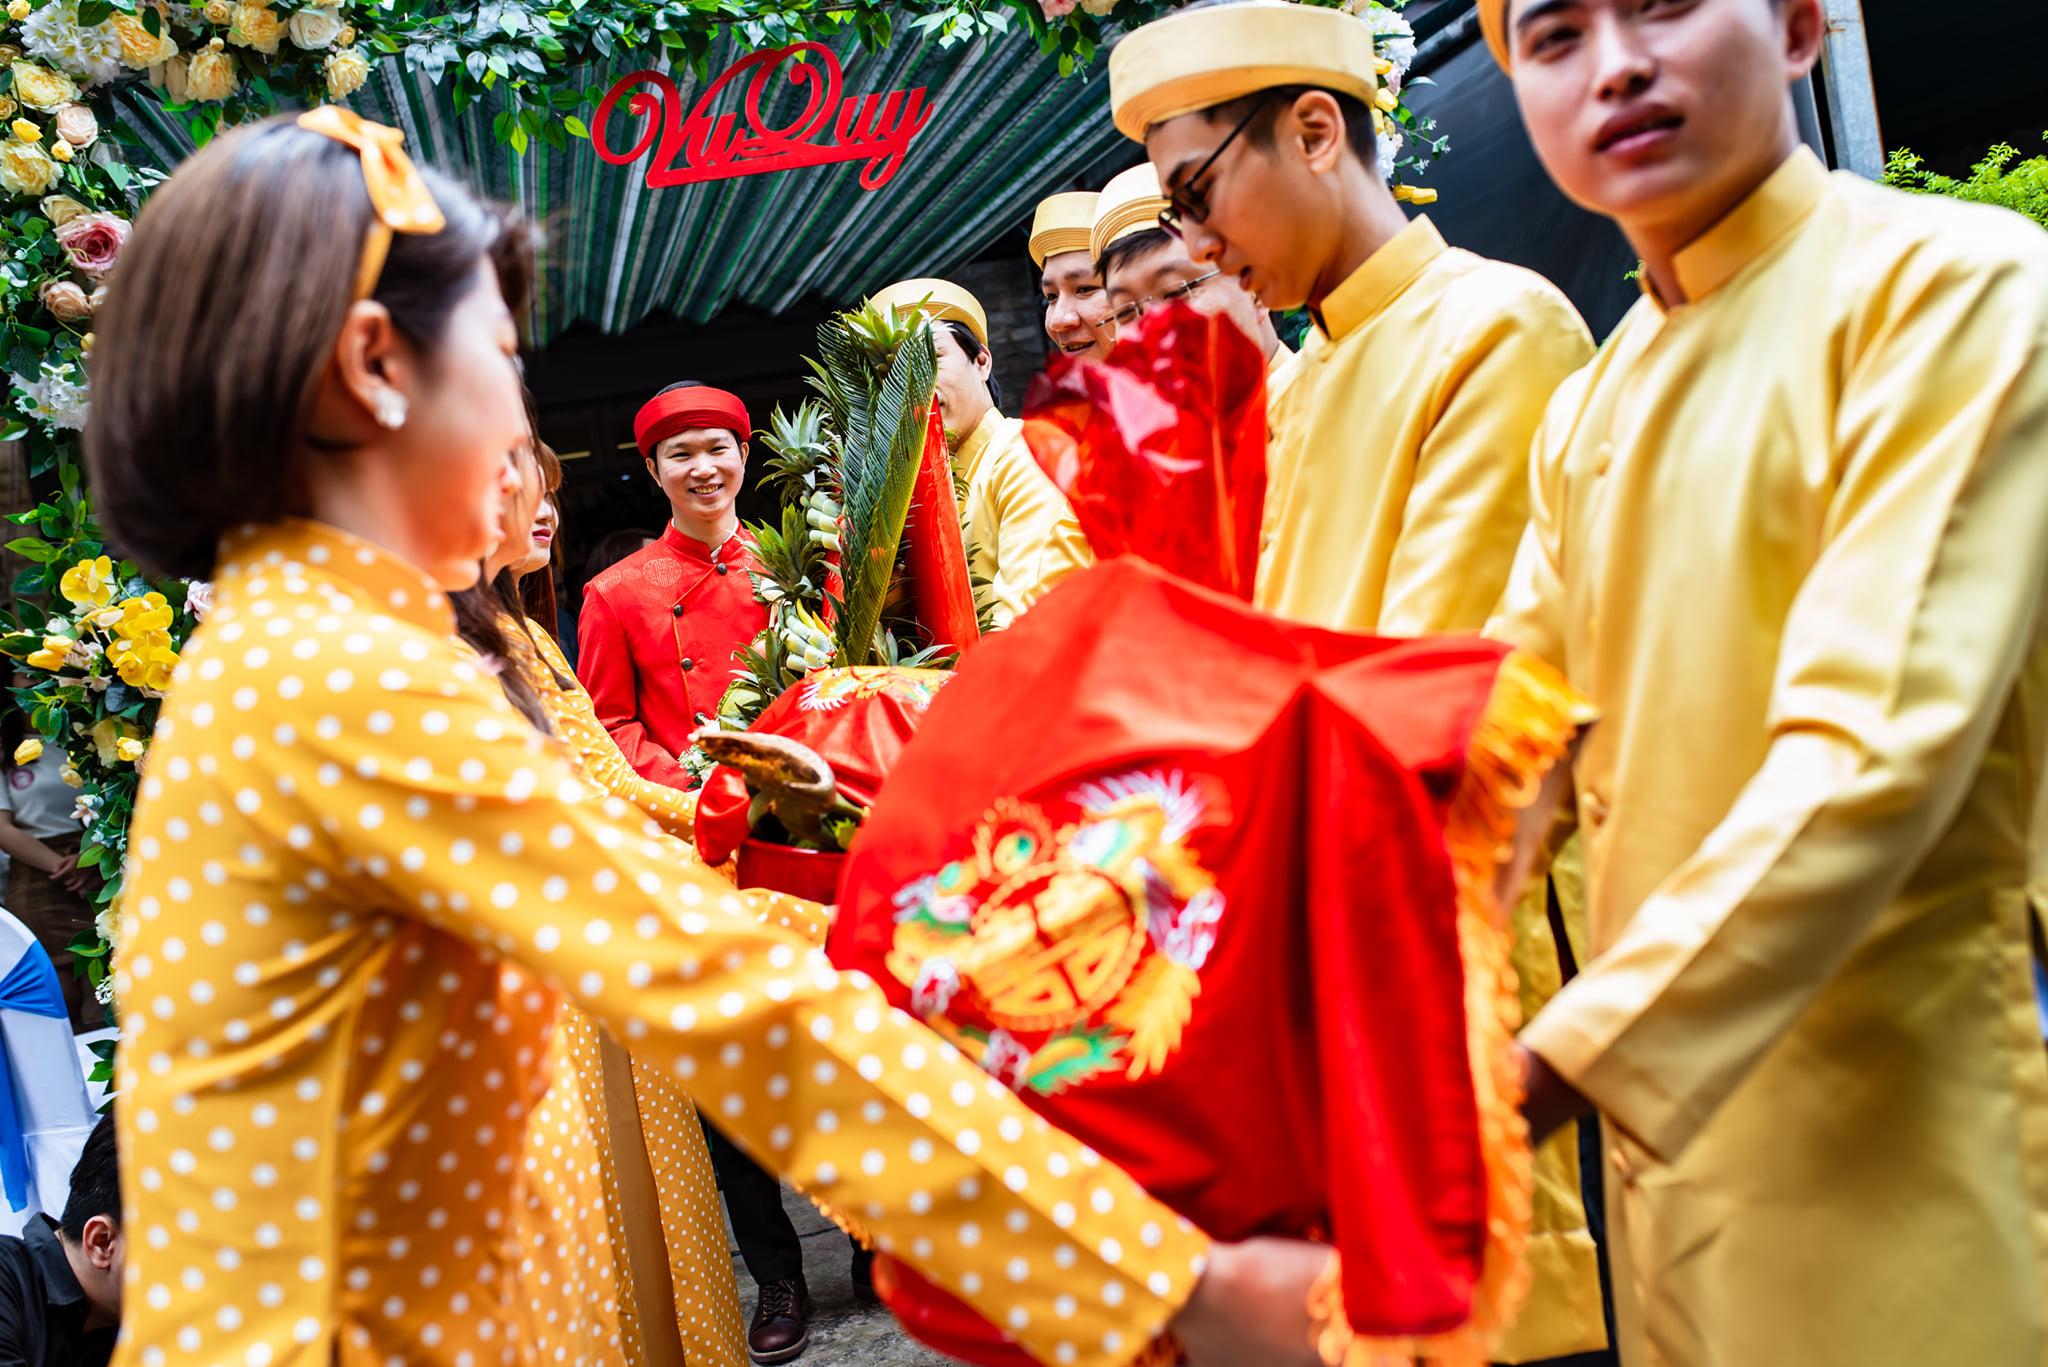 Xếp hạng 8 Studio Chụp Phóng Sự Cưới Nổi Tiếng Ở TPHCM - Lin Lee photography